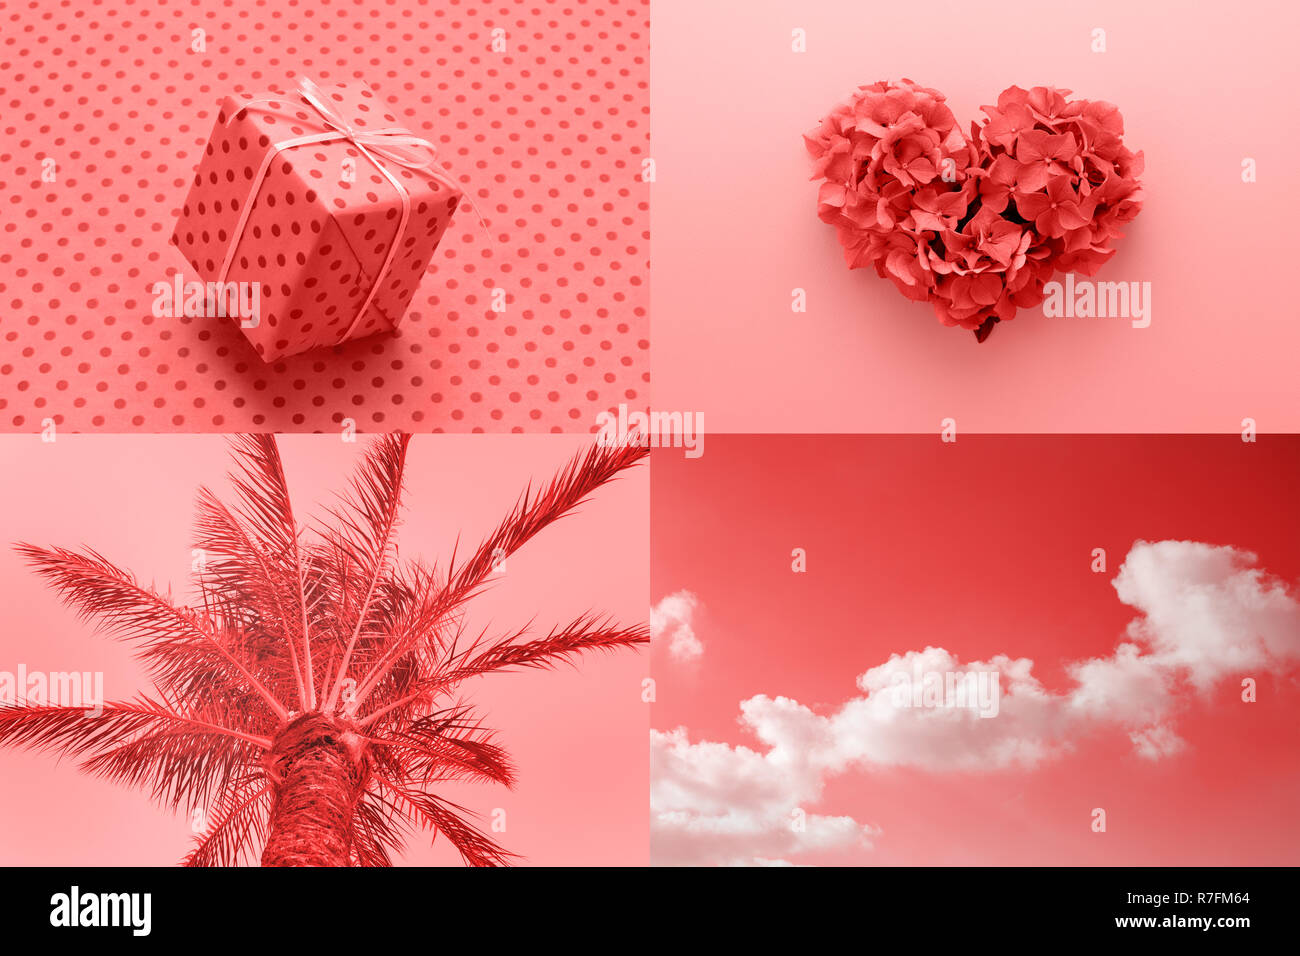 Collage créatif romantique inspiré par couleur corail vivant de l'année 2019. La Saint-Valentin, la mode minimal. Photo Stock